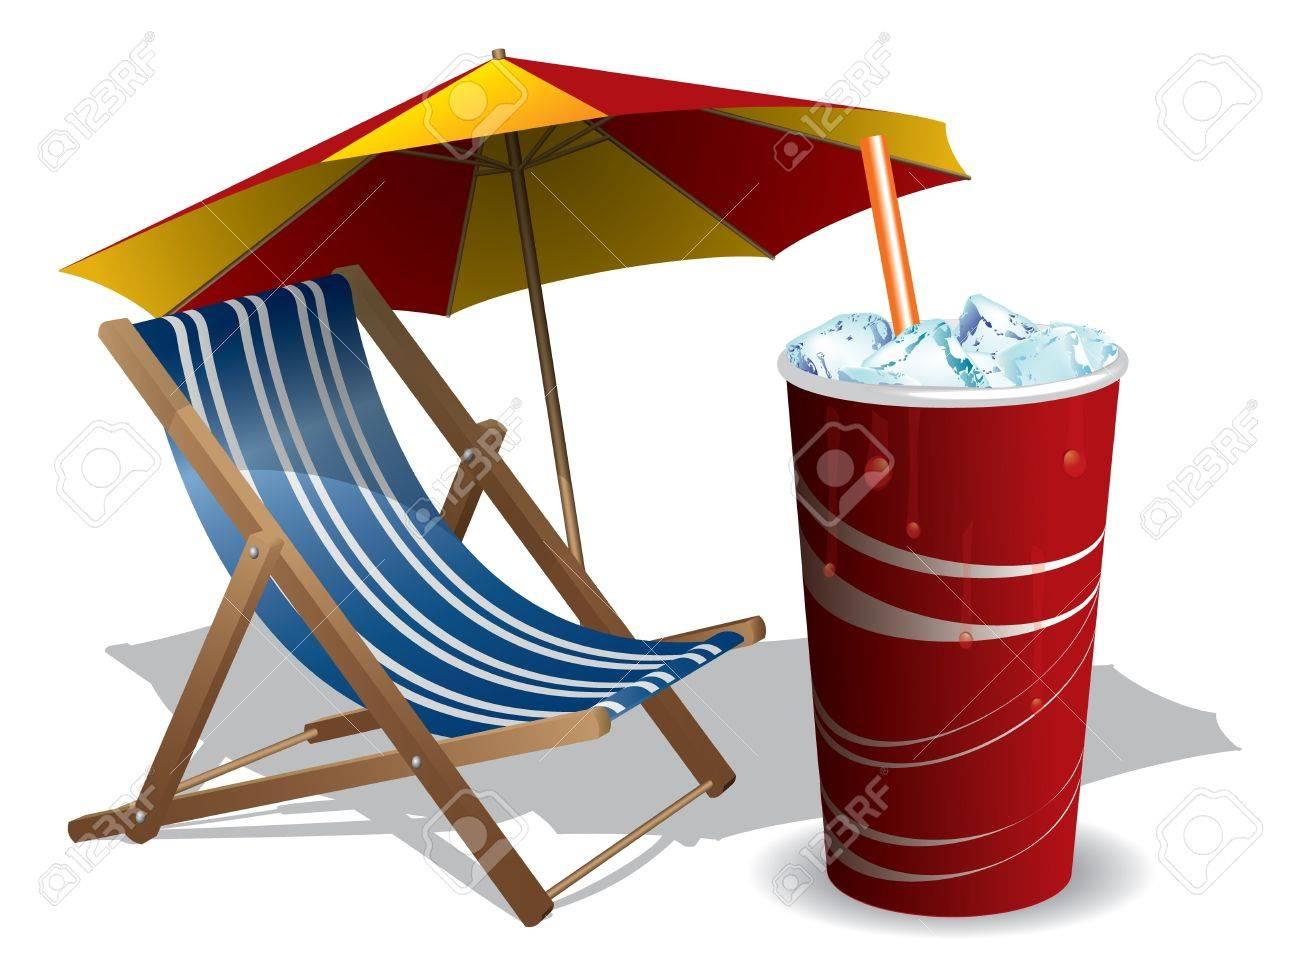 Sonnenliege Clipart sdatec.com